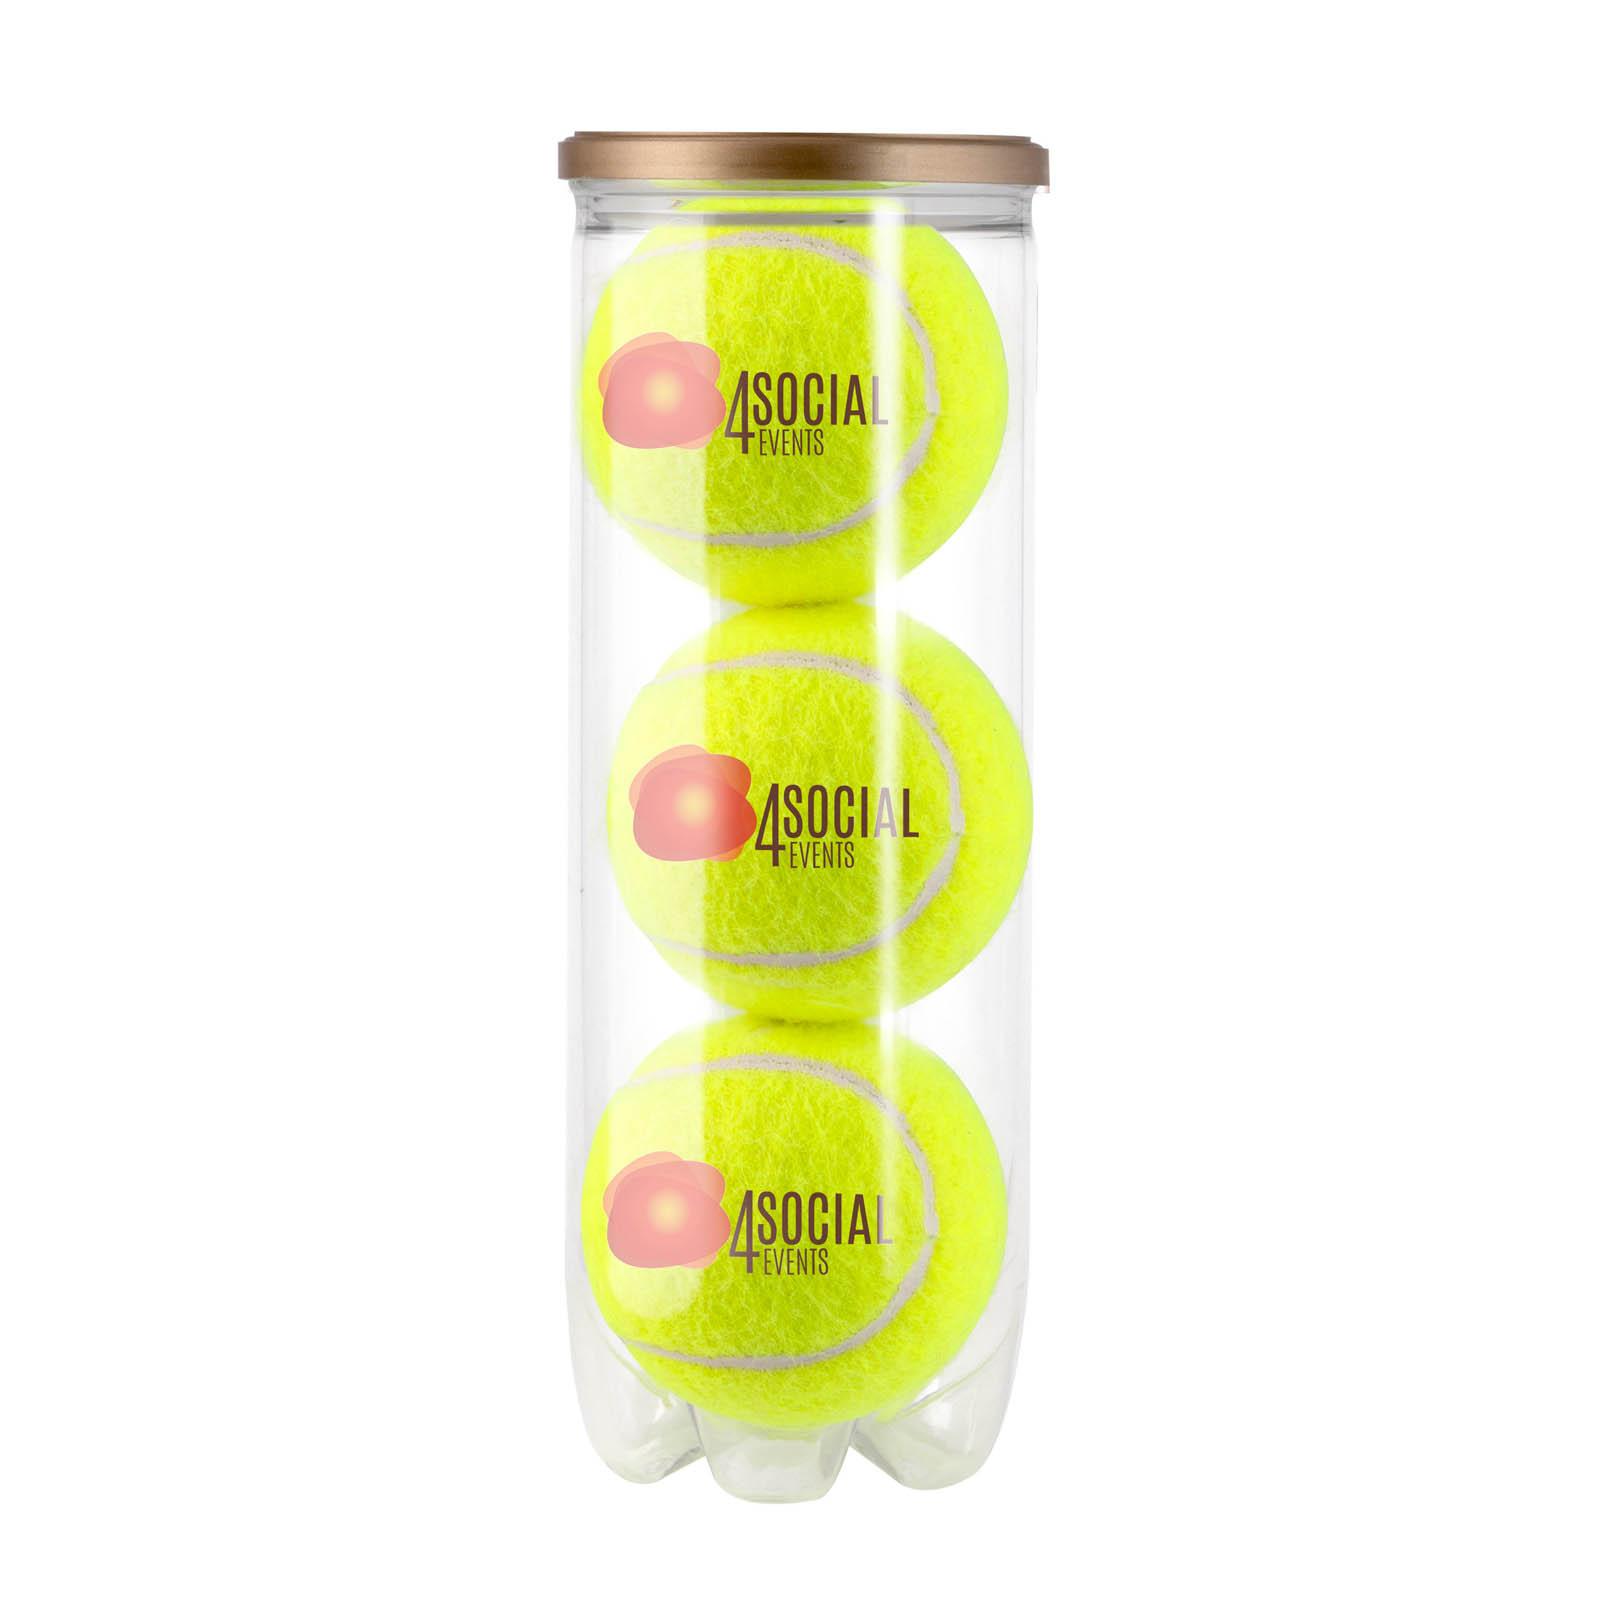 Tennisballen - relatiegeschenk Amersfoort